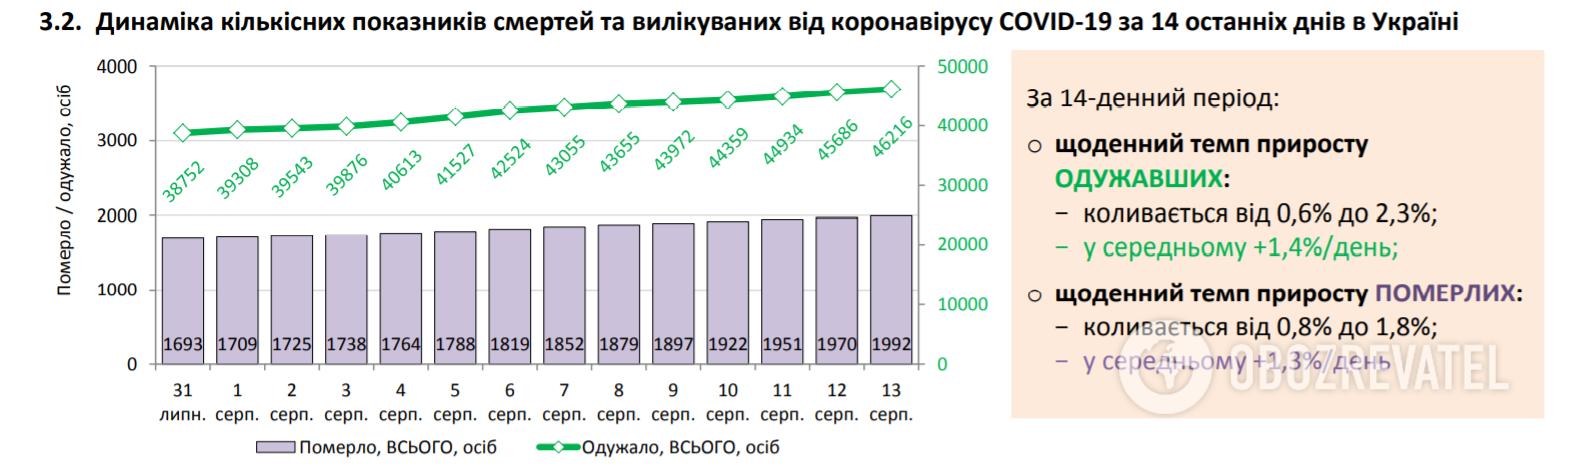 Динаміка кількісних показників смертей та вилікуваних